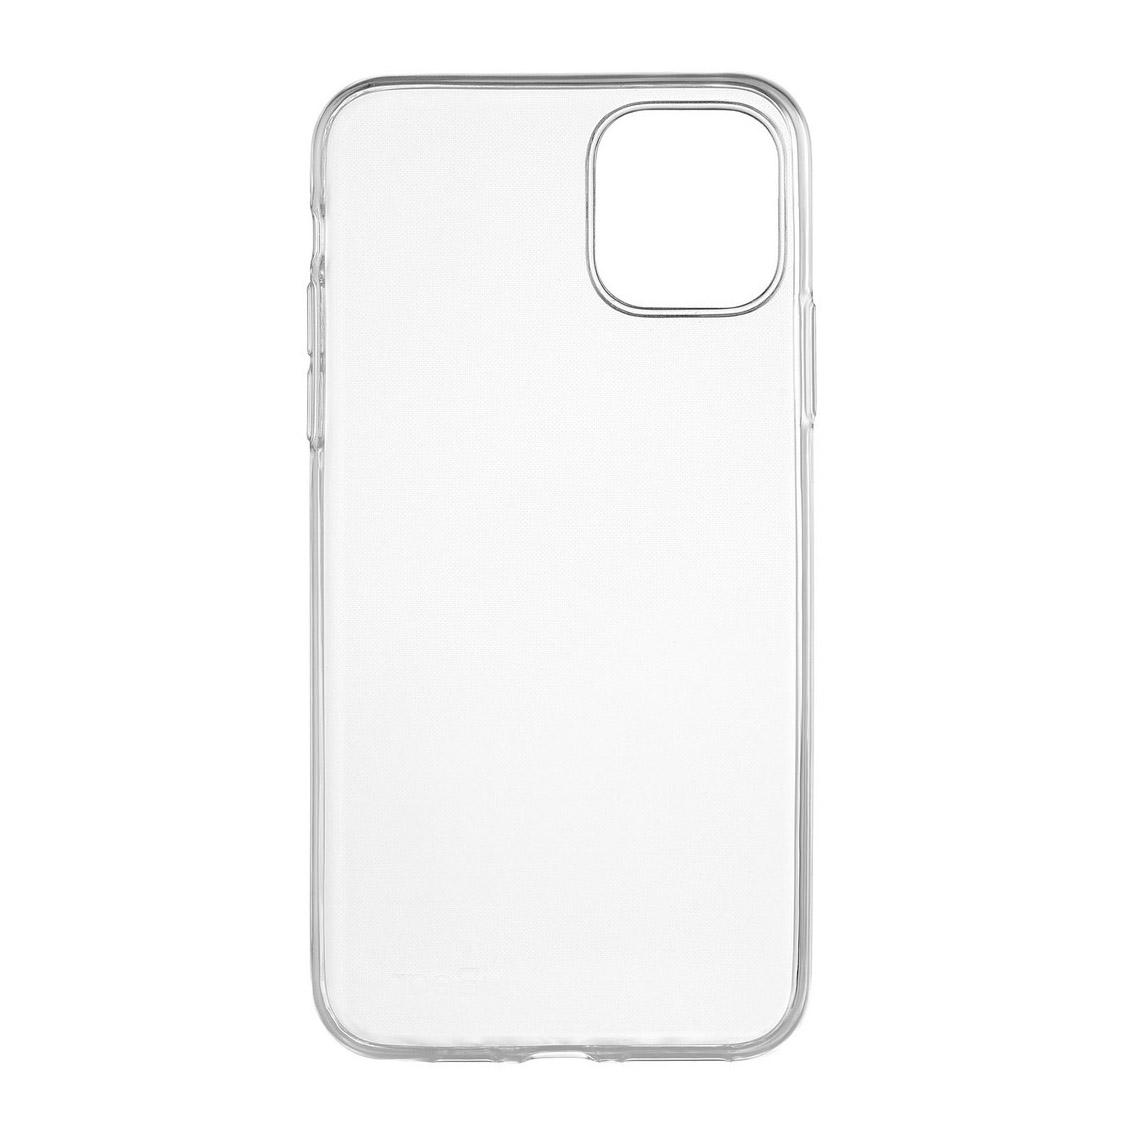 Чехол uBear для Apple iPhone 11 Pro, прозрачный